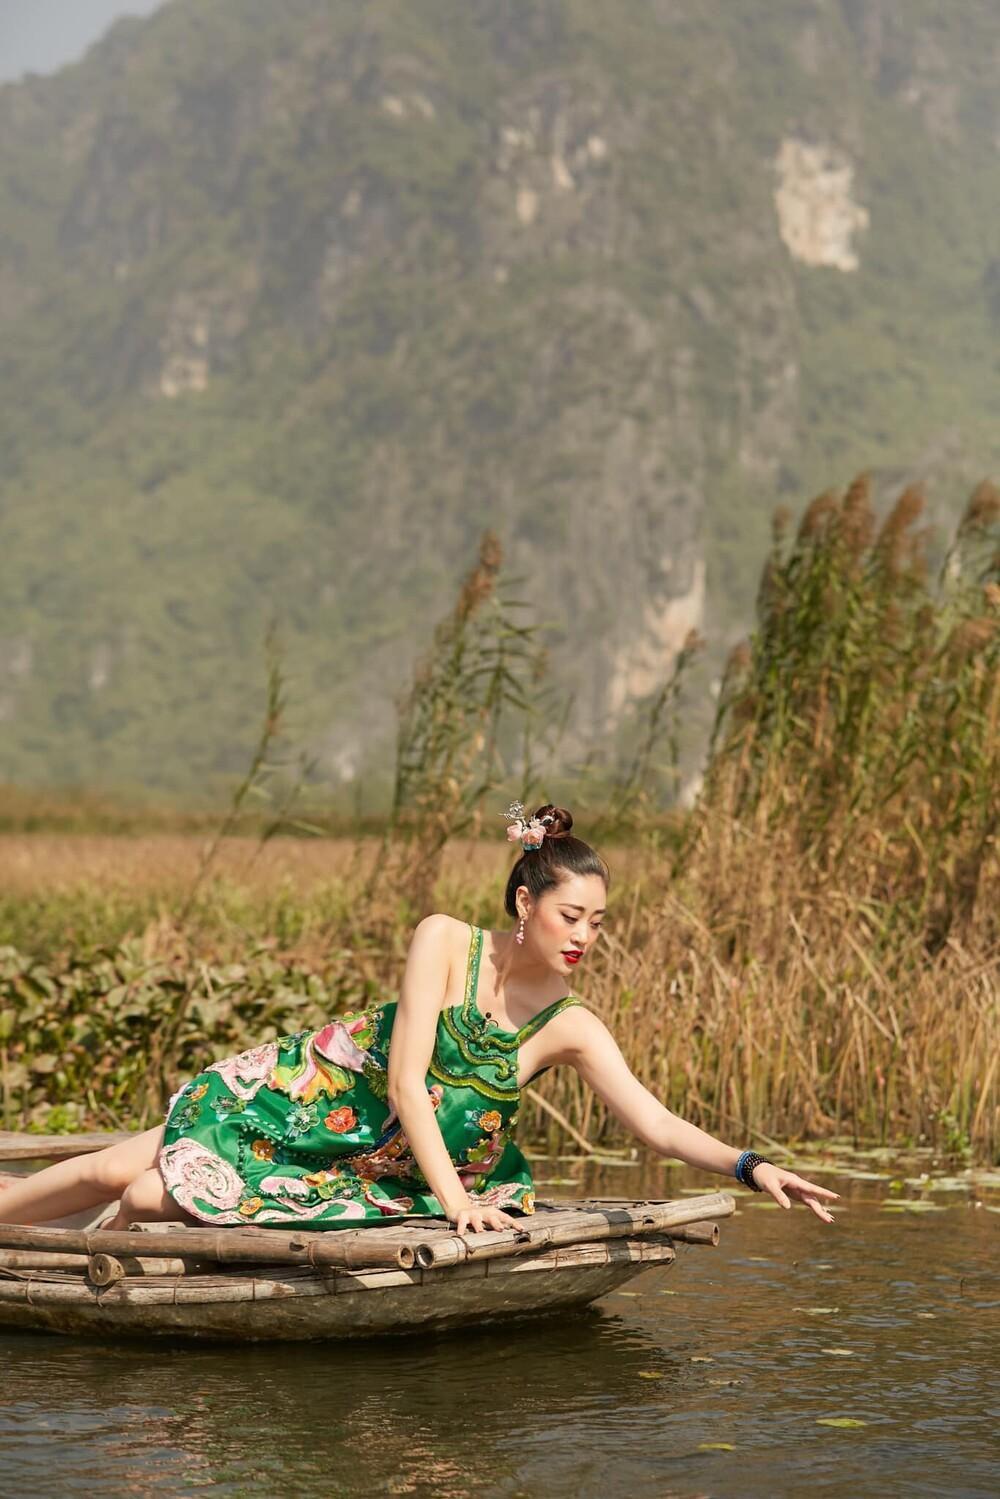 Hoa hậu Khánh Vân mặc váy yếm khoe xương quai xanh cực phẩm giữa thiên nhiên Ảnh 4